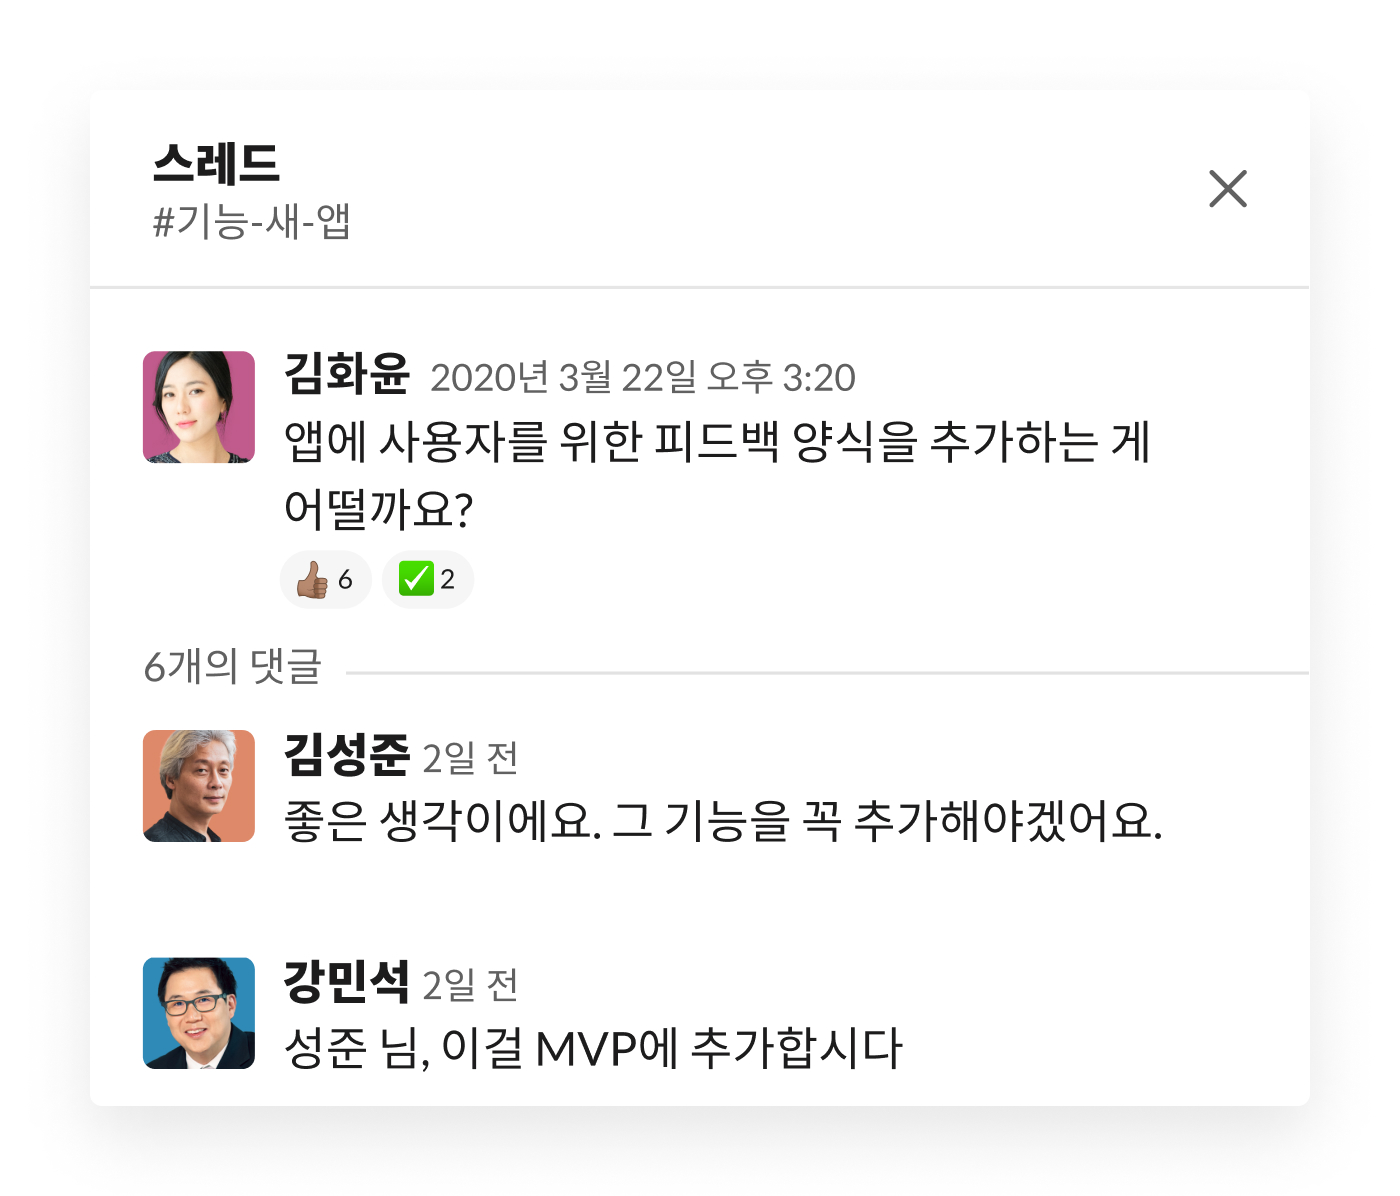 앱 사용자를 위한 피드백 양식을 논의하는 Slack 스레드